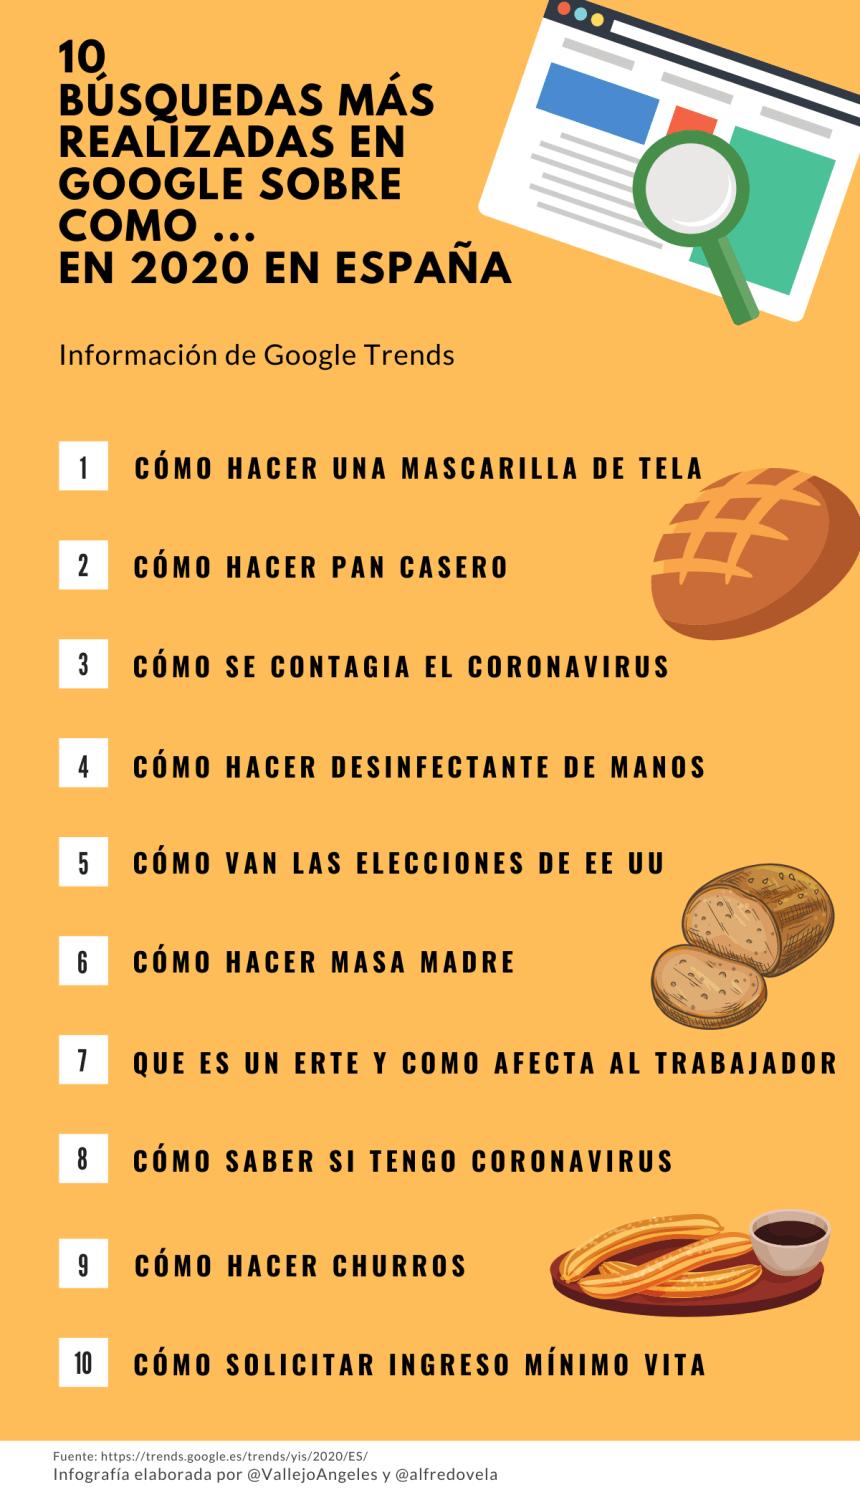 10 búsquedas más realizadas en Google en España 2020 sobre Cómo ...